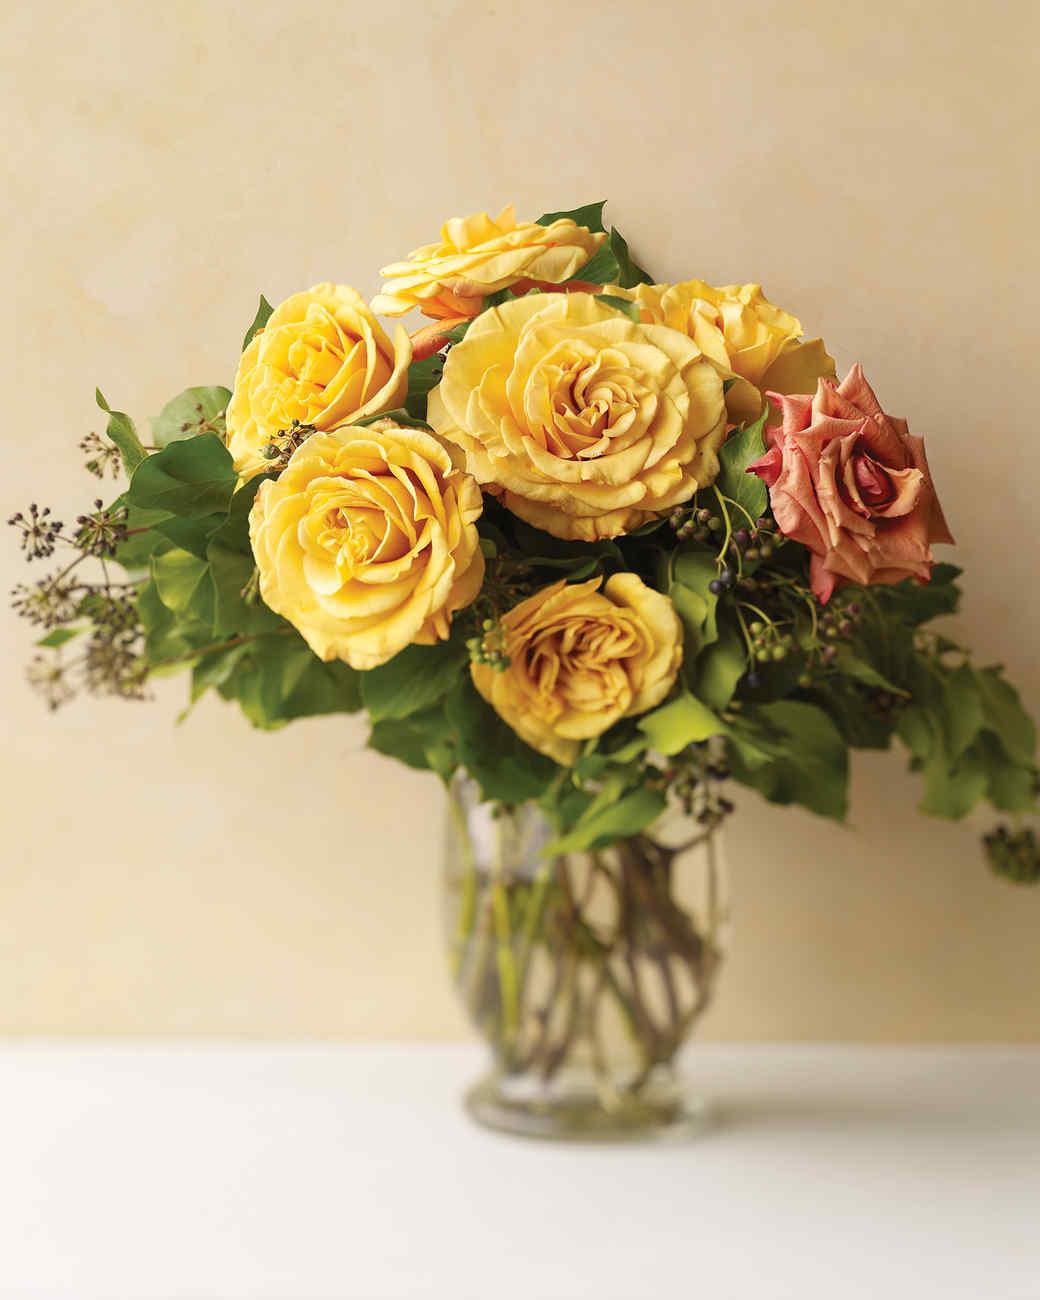 md104713_0210_roses_69.jpg